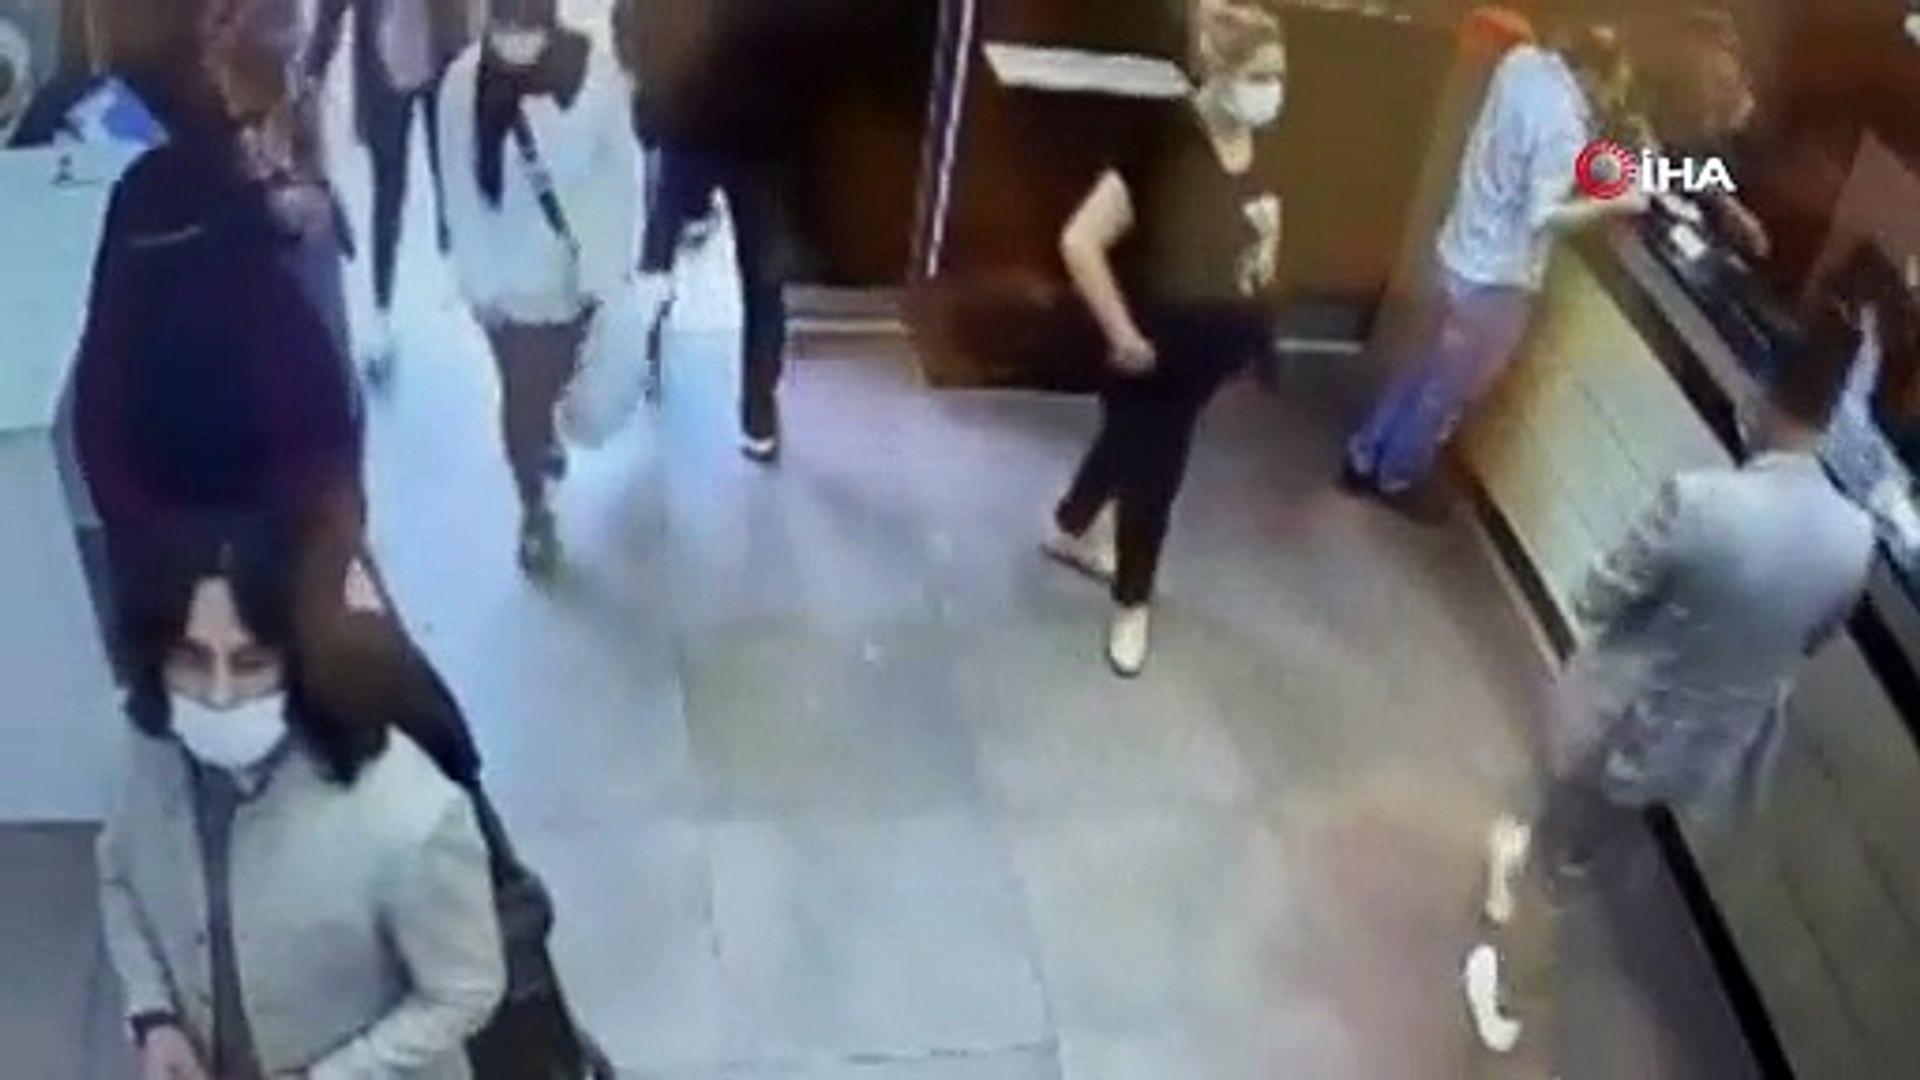 İstanbul'da turistler turistleri soydu! İnanılmaz hırsızlık kamerada